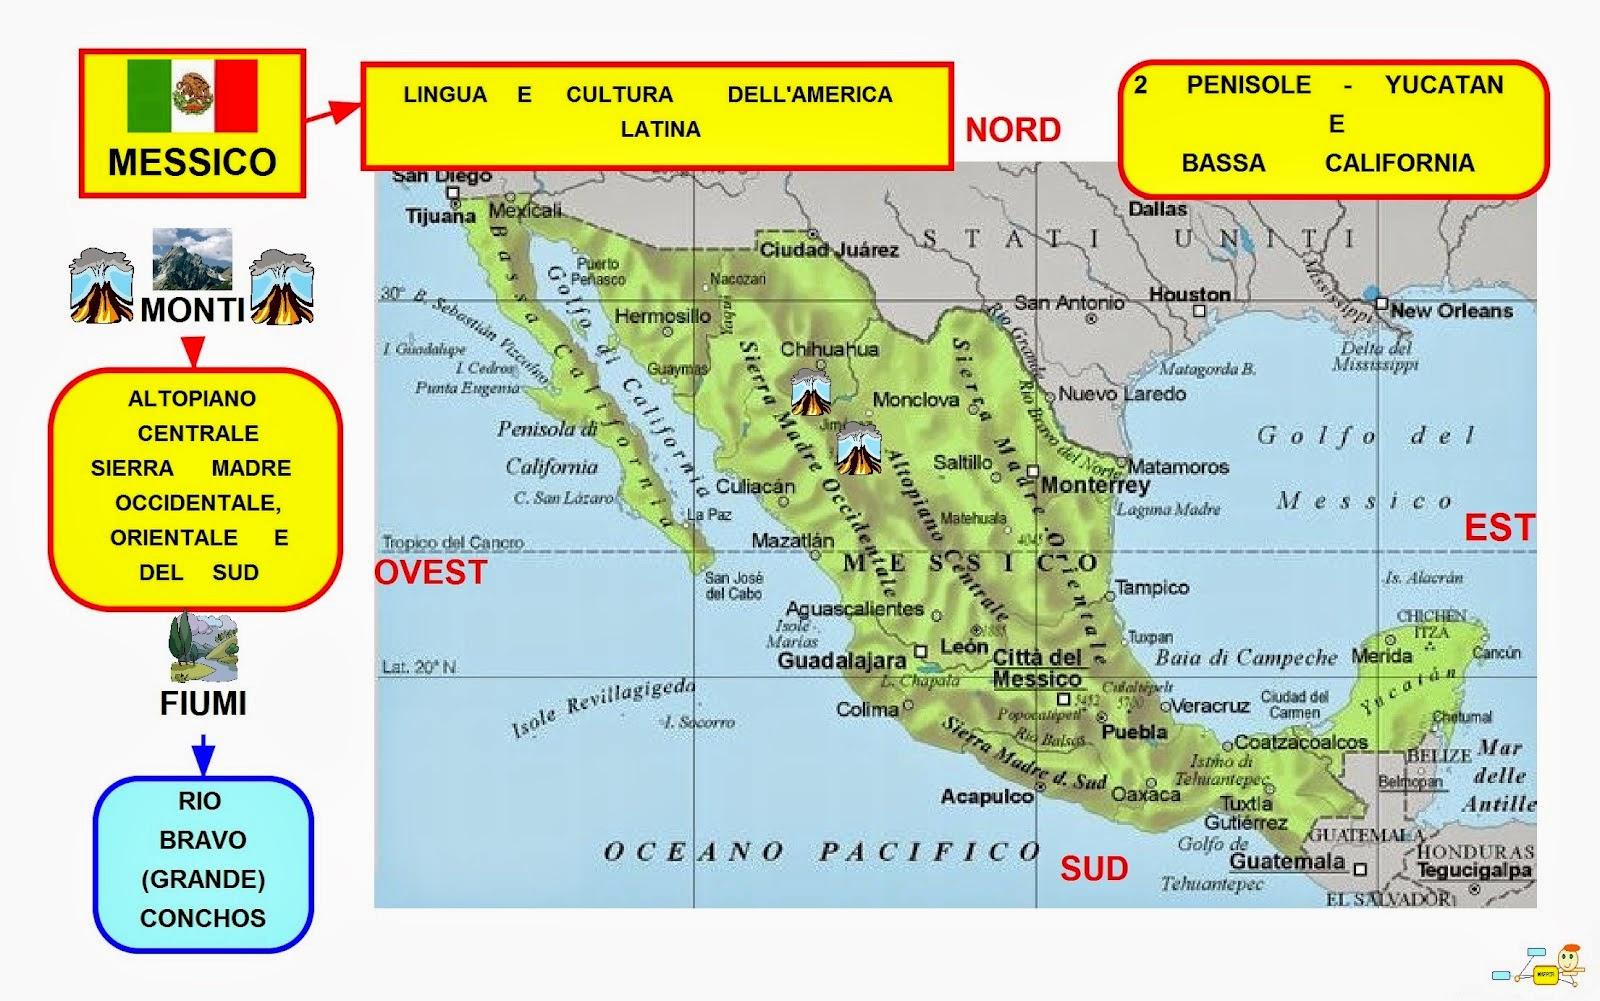 Mappa concettuale messico monti e fiumi for Cabine romantiche nel sud della california